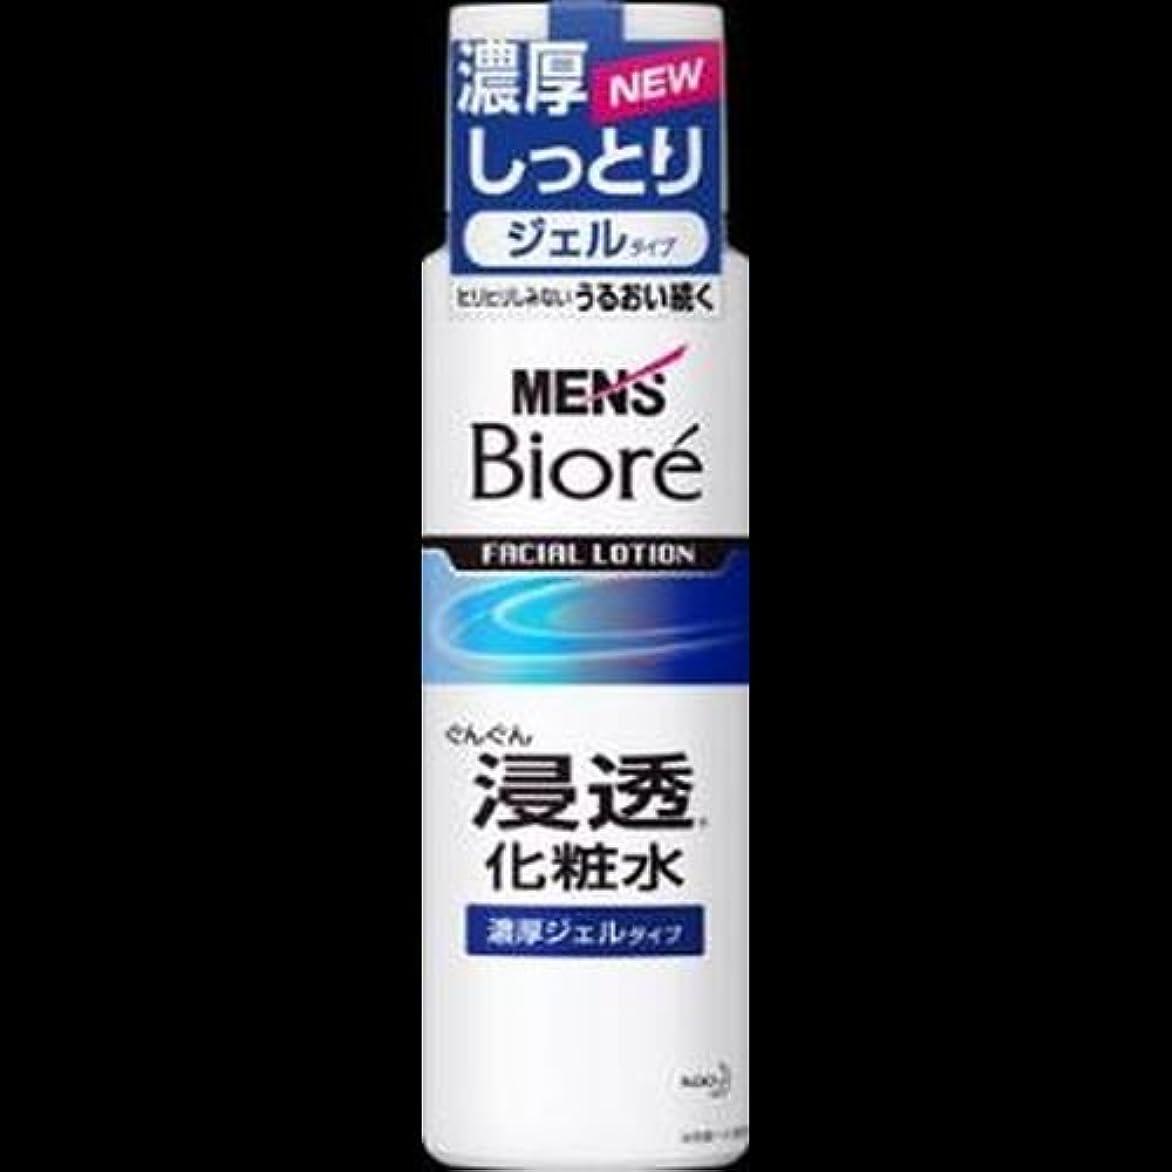 裂け目仕事濃度【まとめ買い】メンズビオレ 浸透化粧水 濃厚ジェルタイプ ×2セット